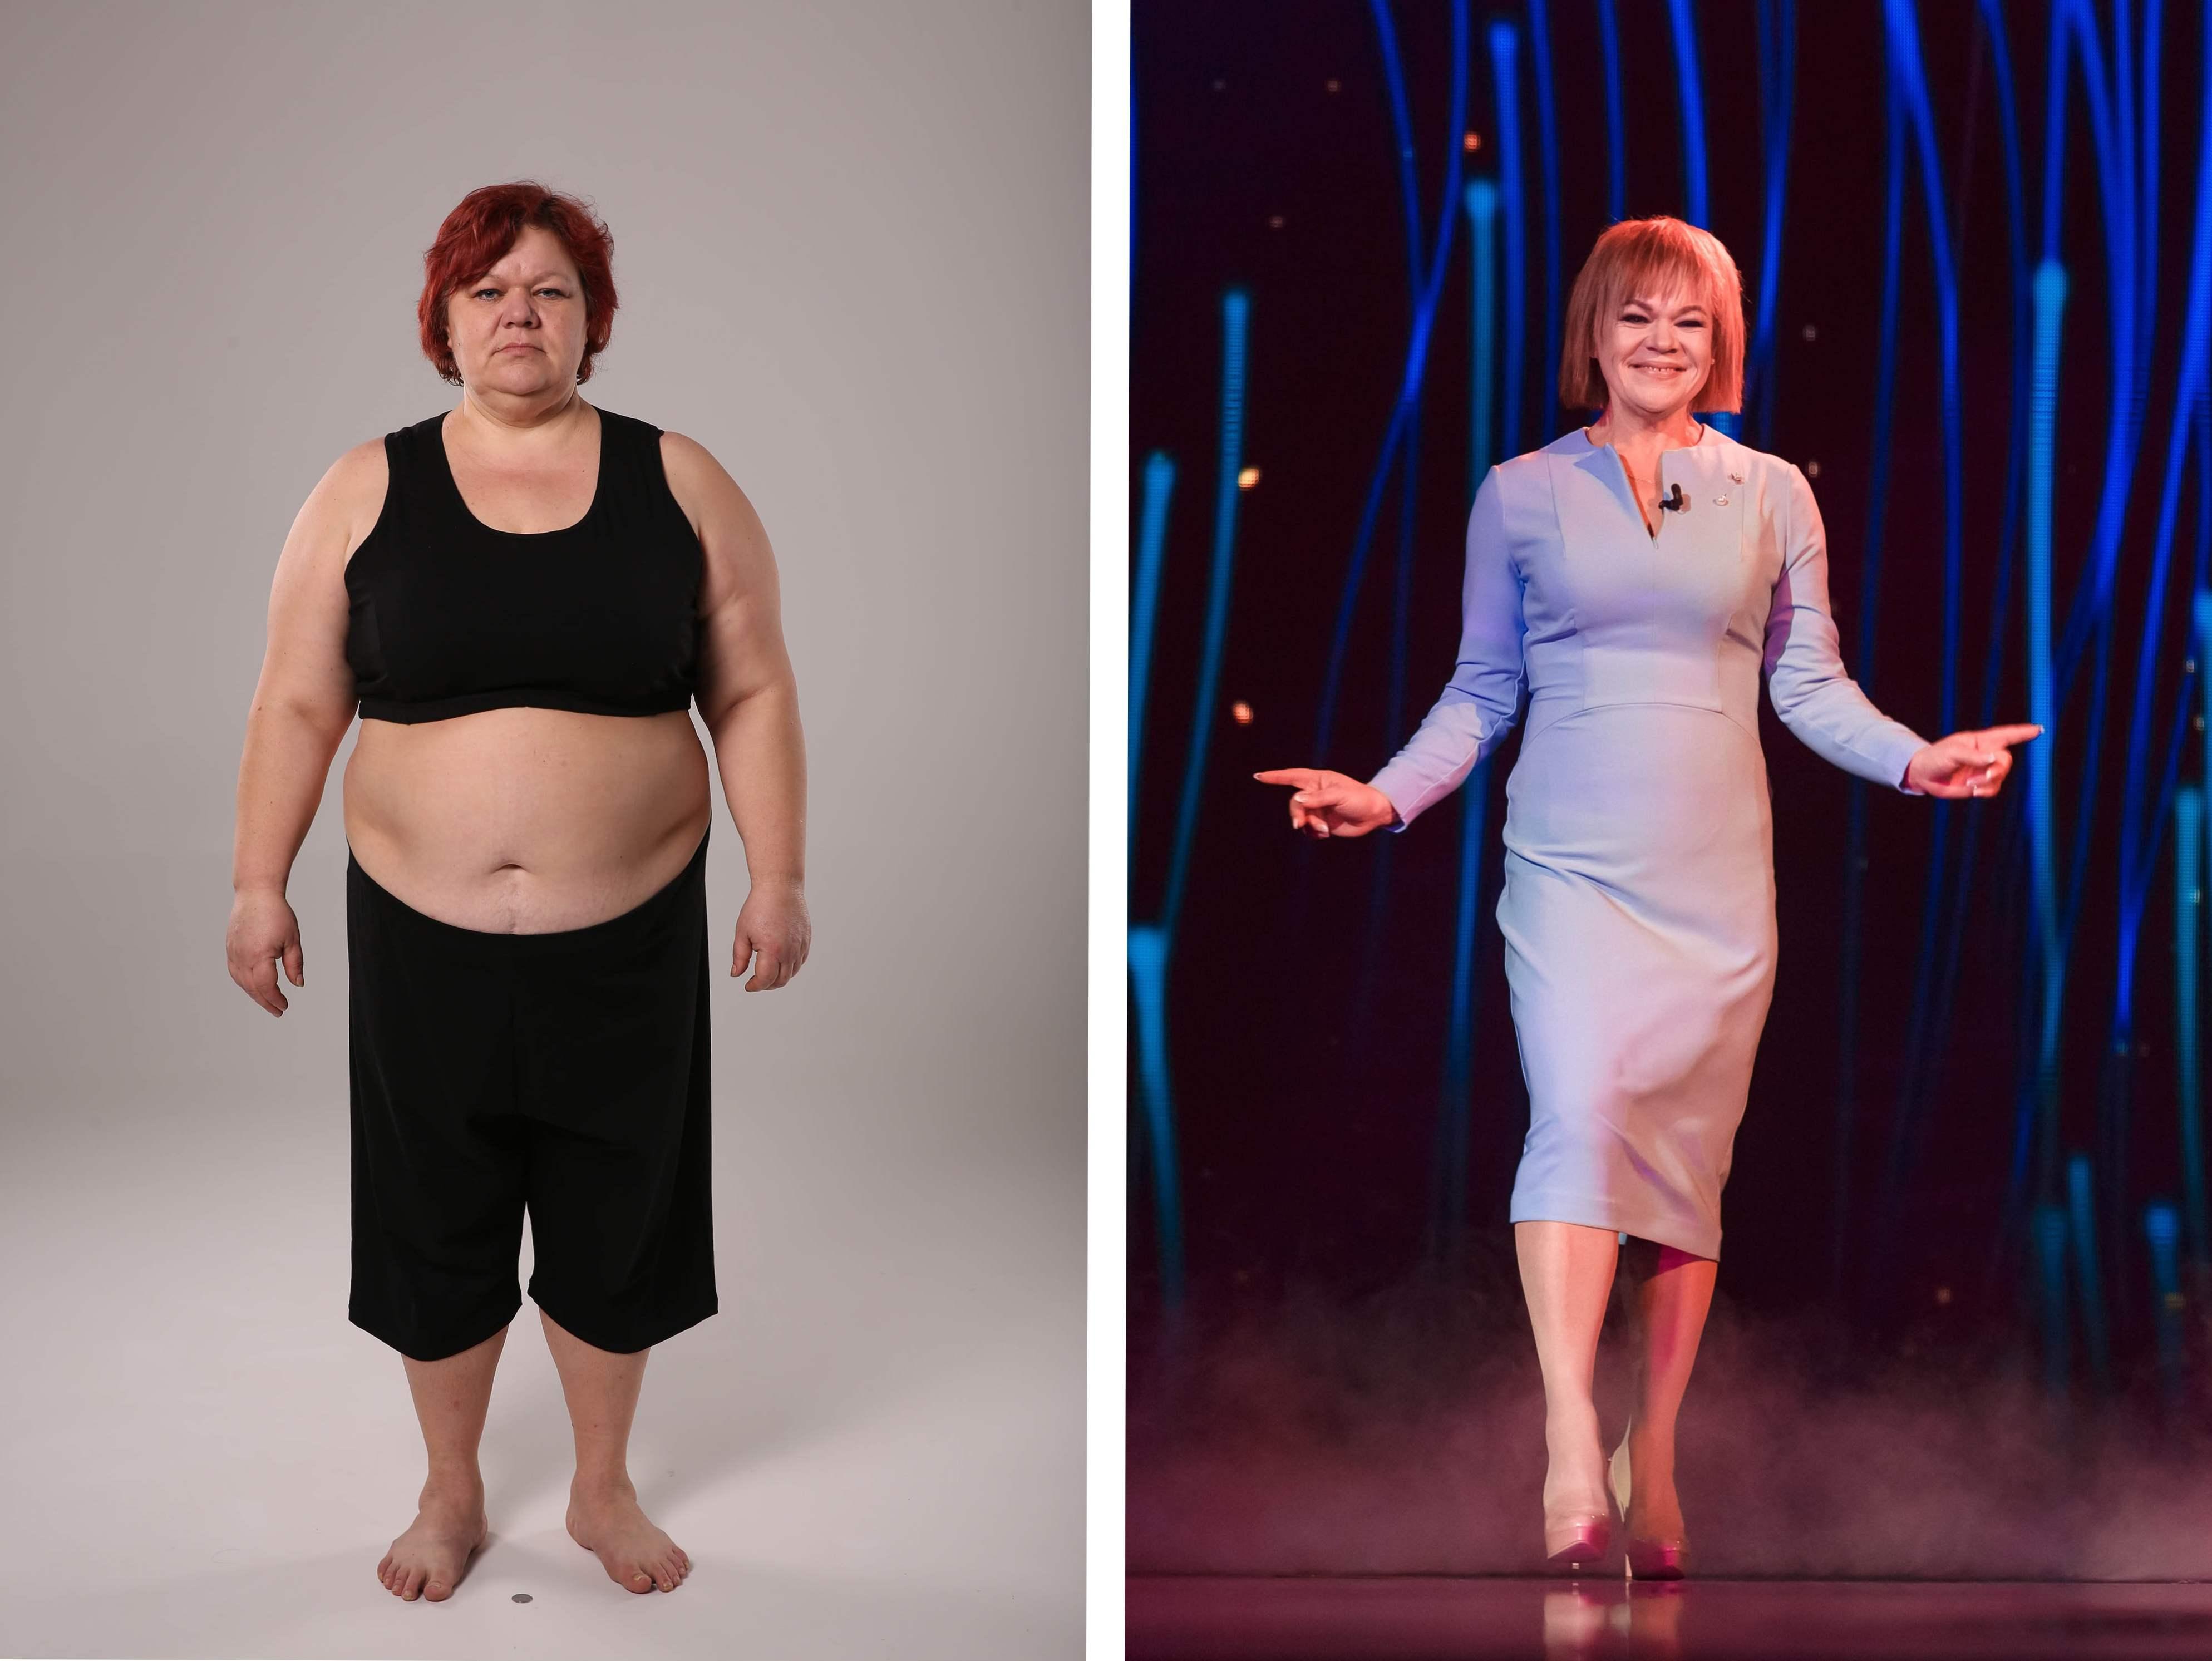 Шоу О Похудении I. Популярные передачи про похудение, которое помогли тысячам людей стать стройными